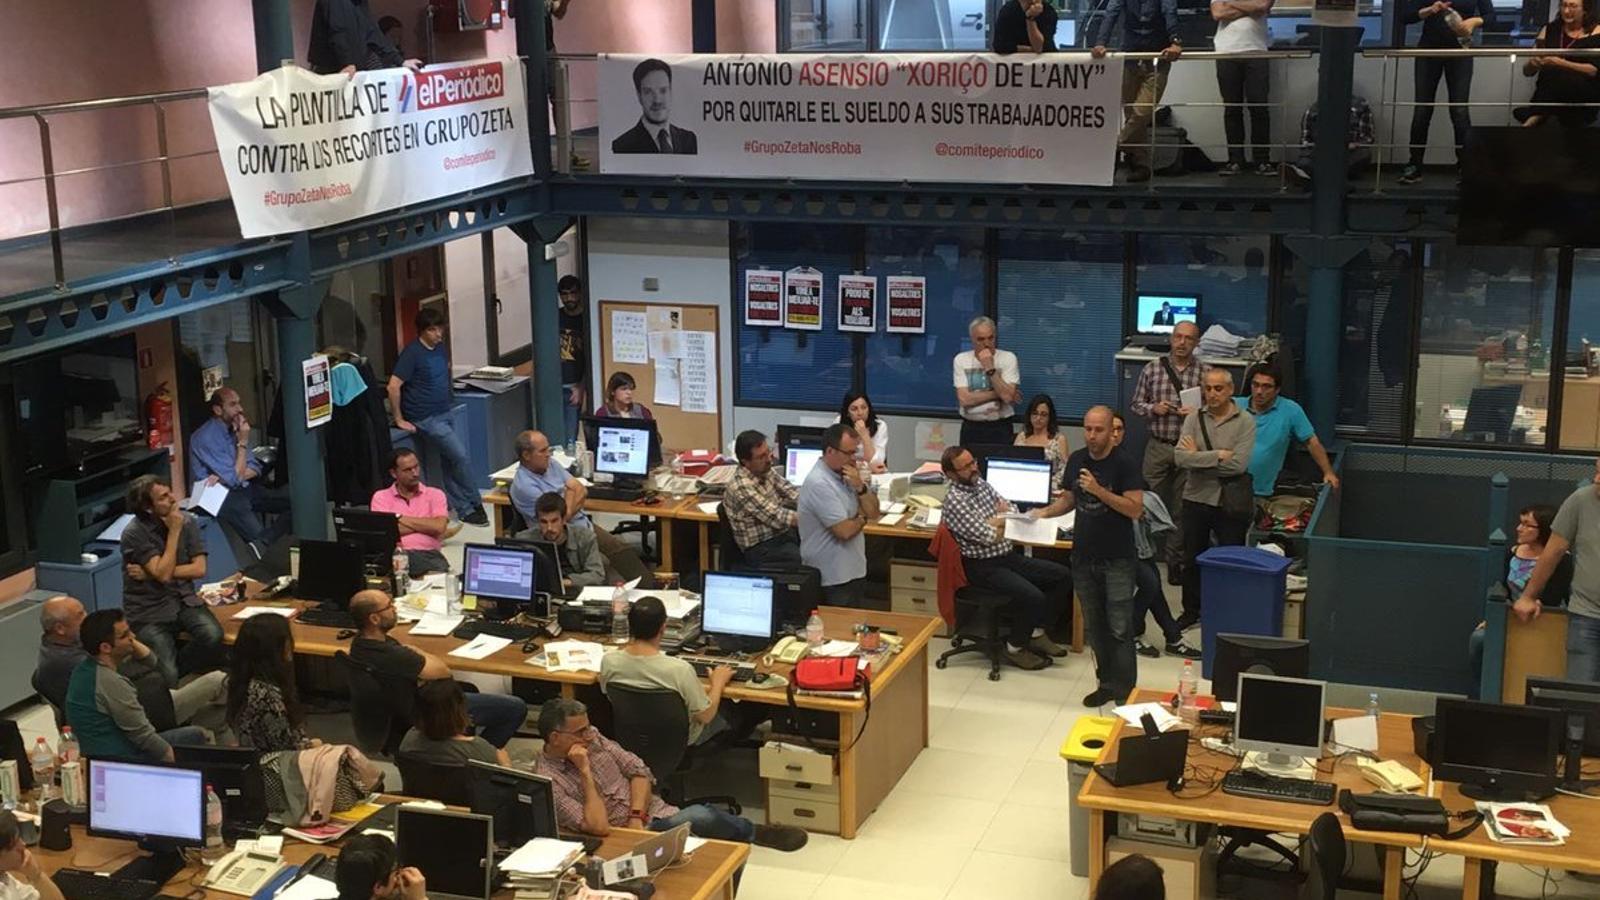 'El Periódico' prepara un ERO per reduir el 45% de la massa salarial